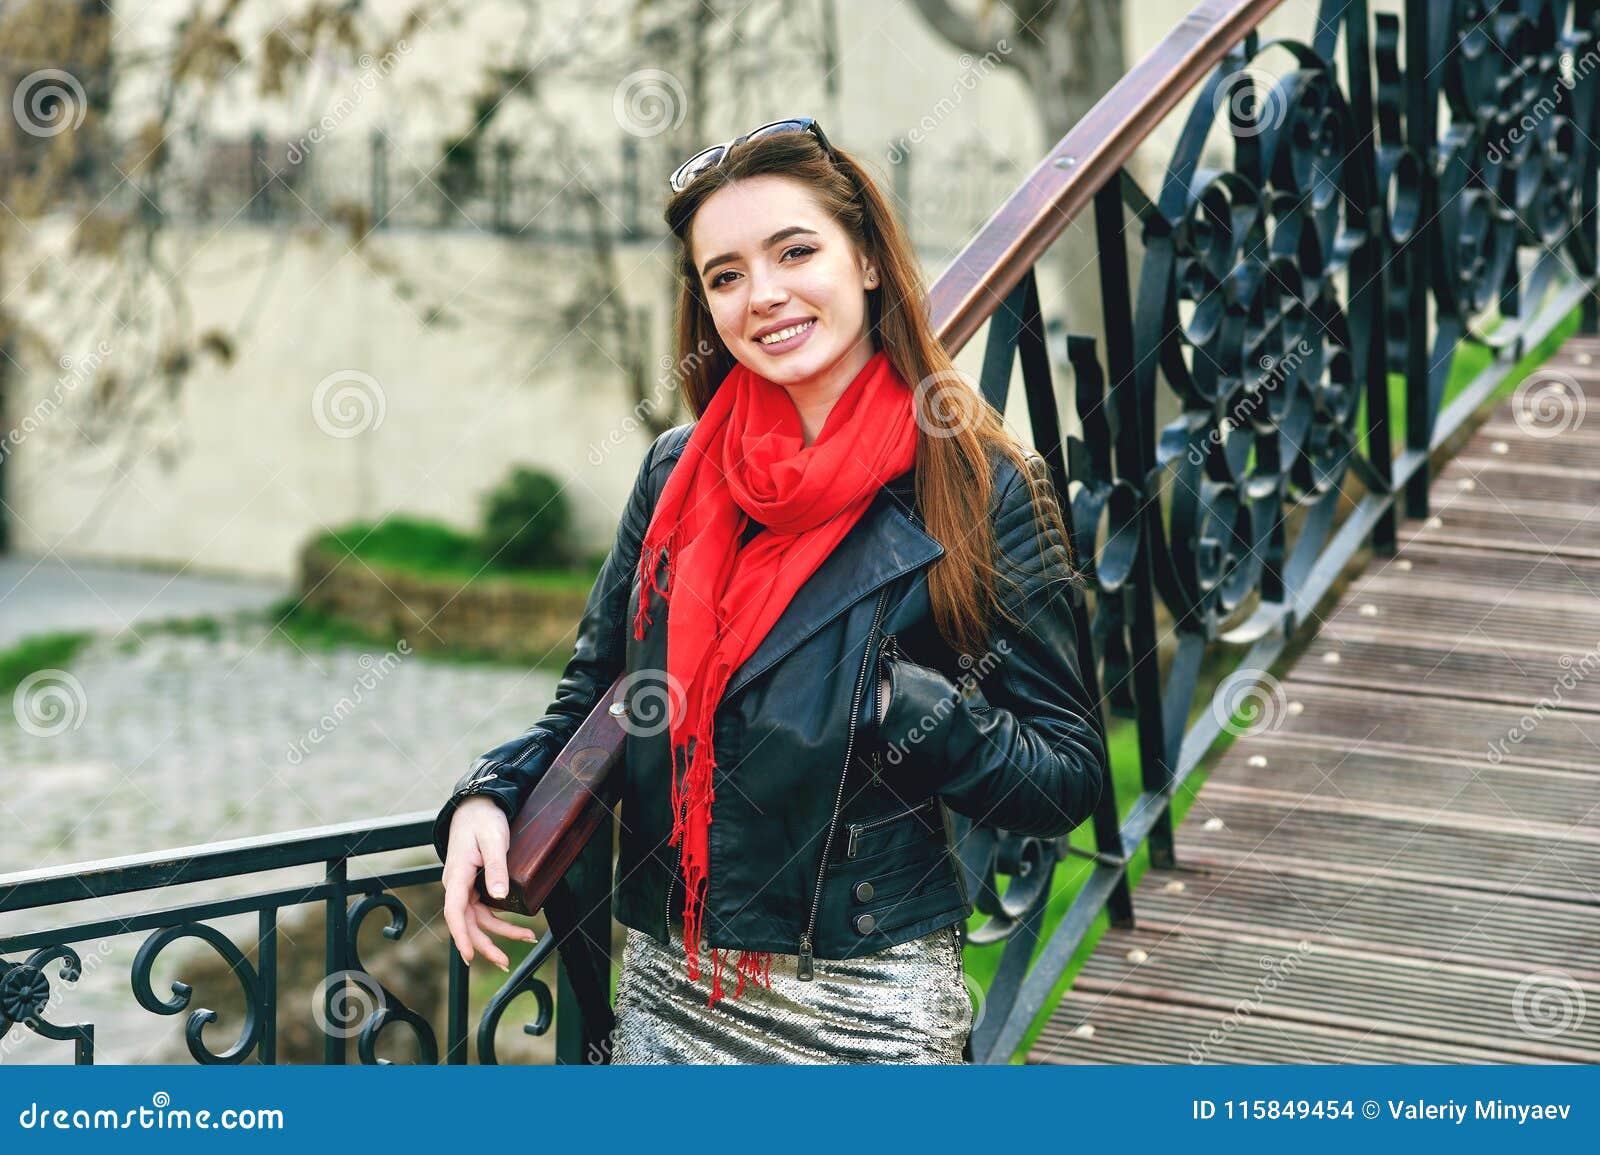 Stående av en ung kvinna på en stadsgata